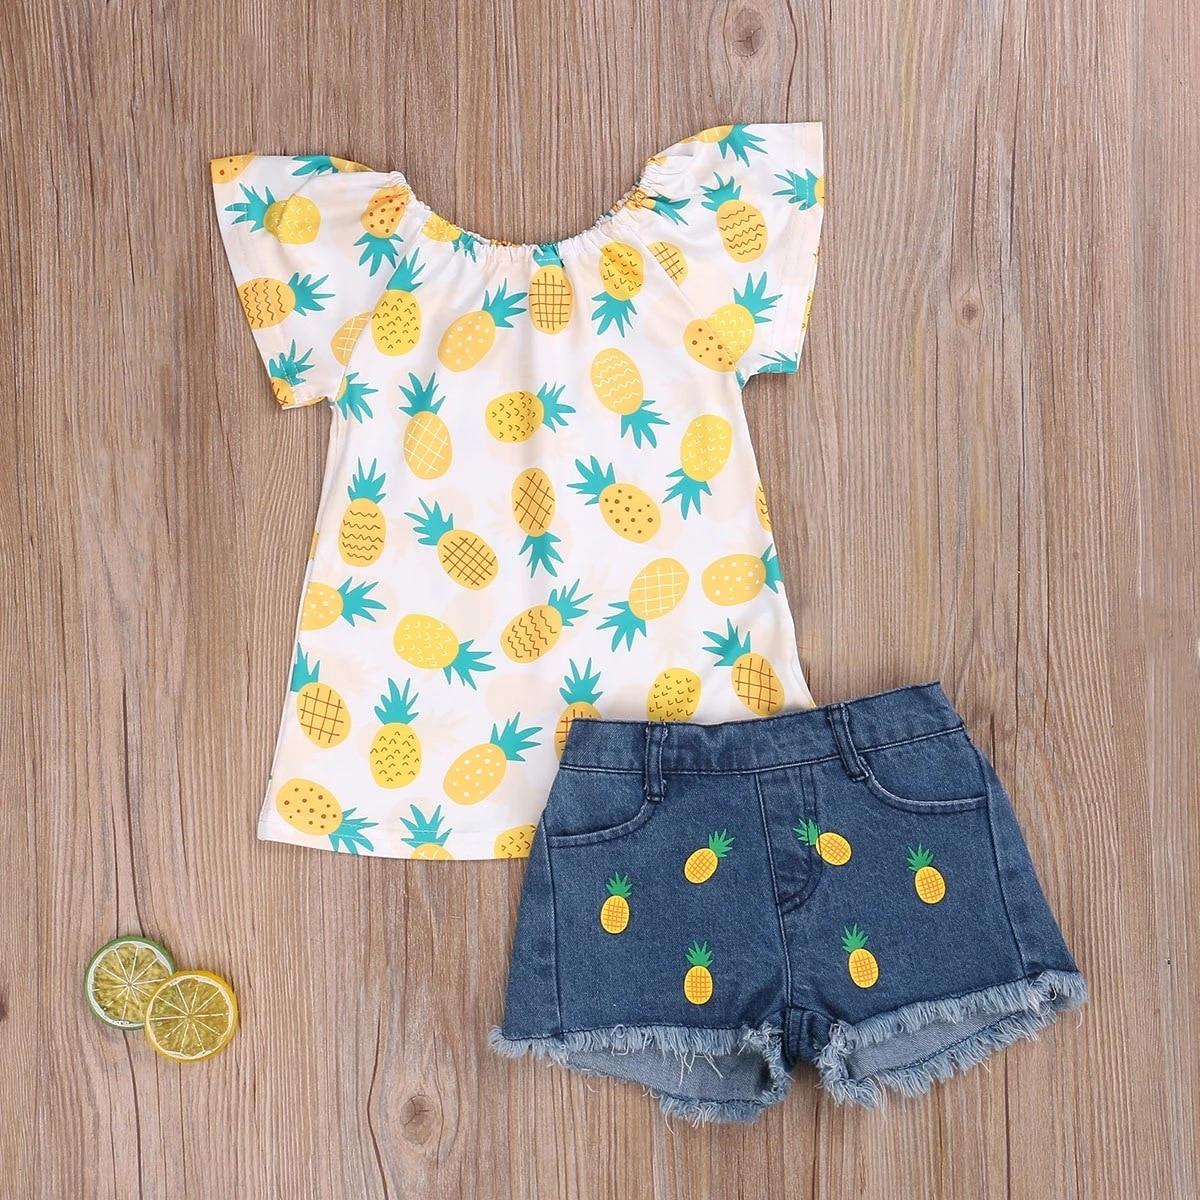 2021 verão meninas conjunto de roupas abacaxi crianças da moda criança sem mangas topo + demin shorts 18m a 8 anos